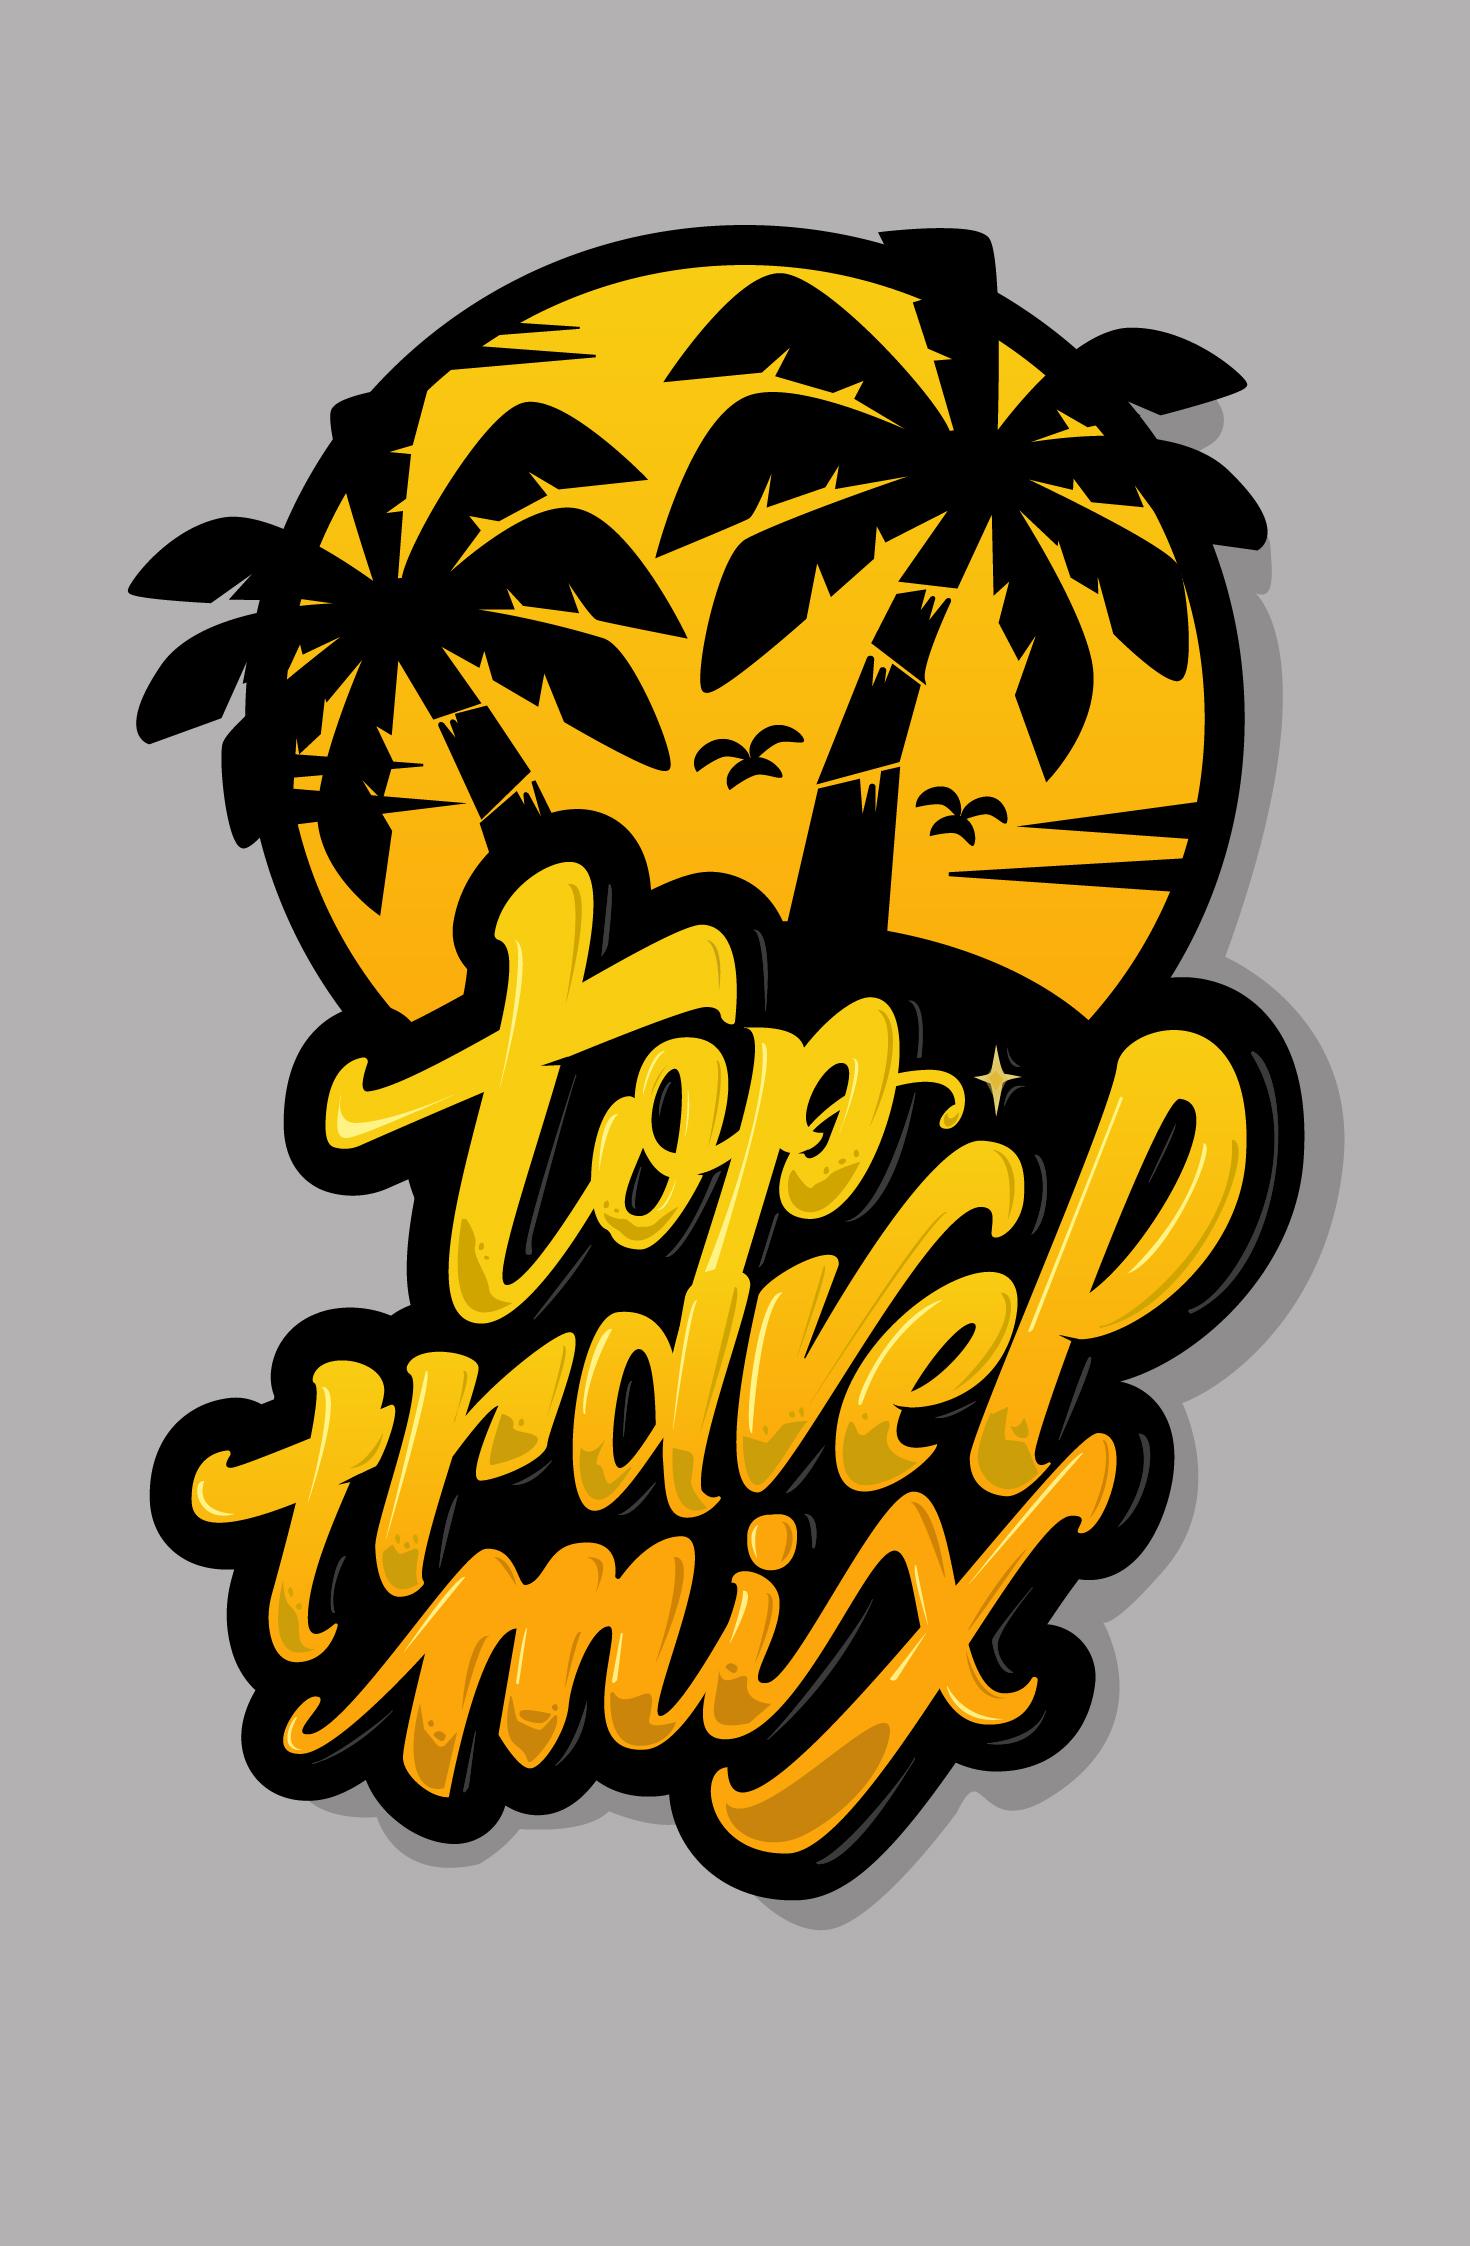 Леттеринг лого для аккаунта Инмтаграмм в тематике путешествий